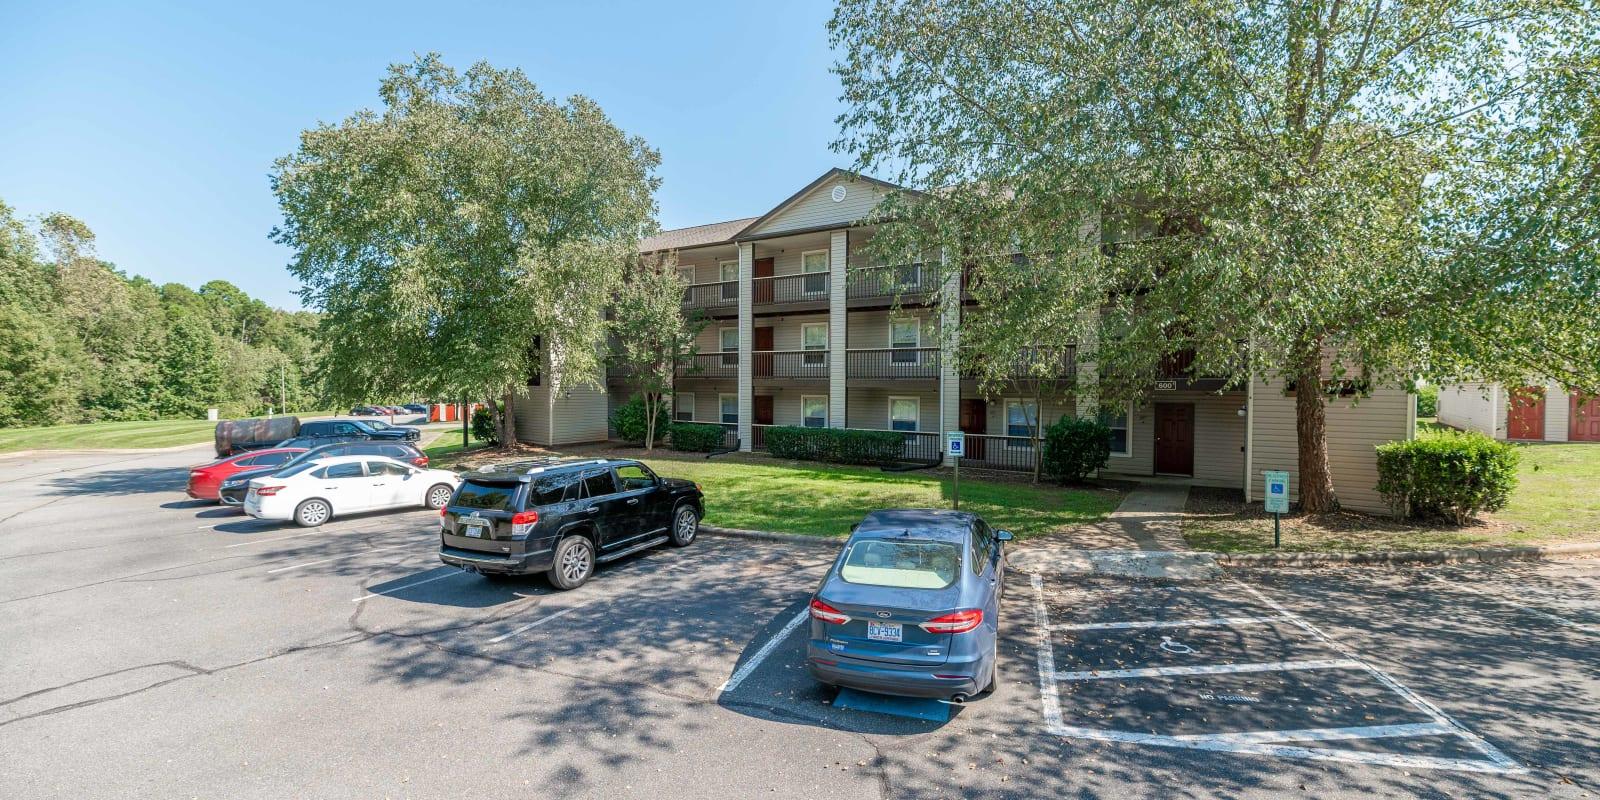 Exterior at Kannan Station Apartment Homes in Kannapolis, North Carolina